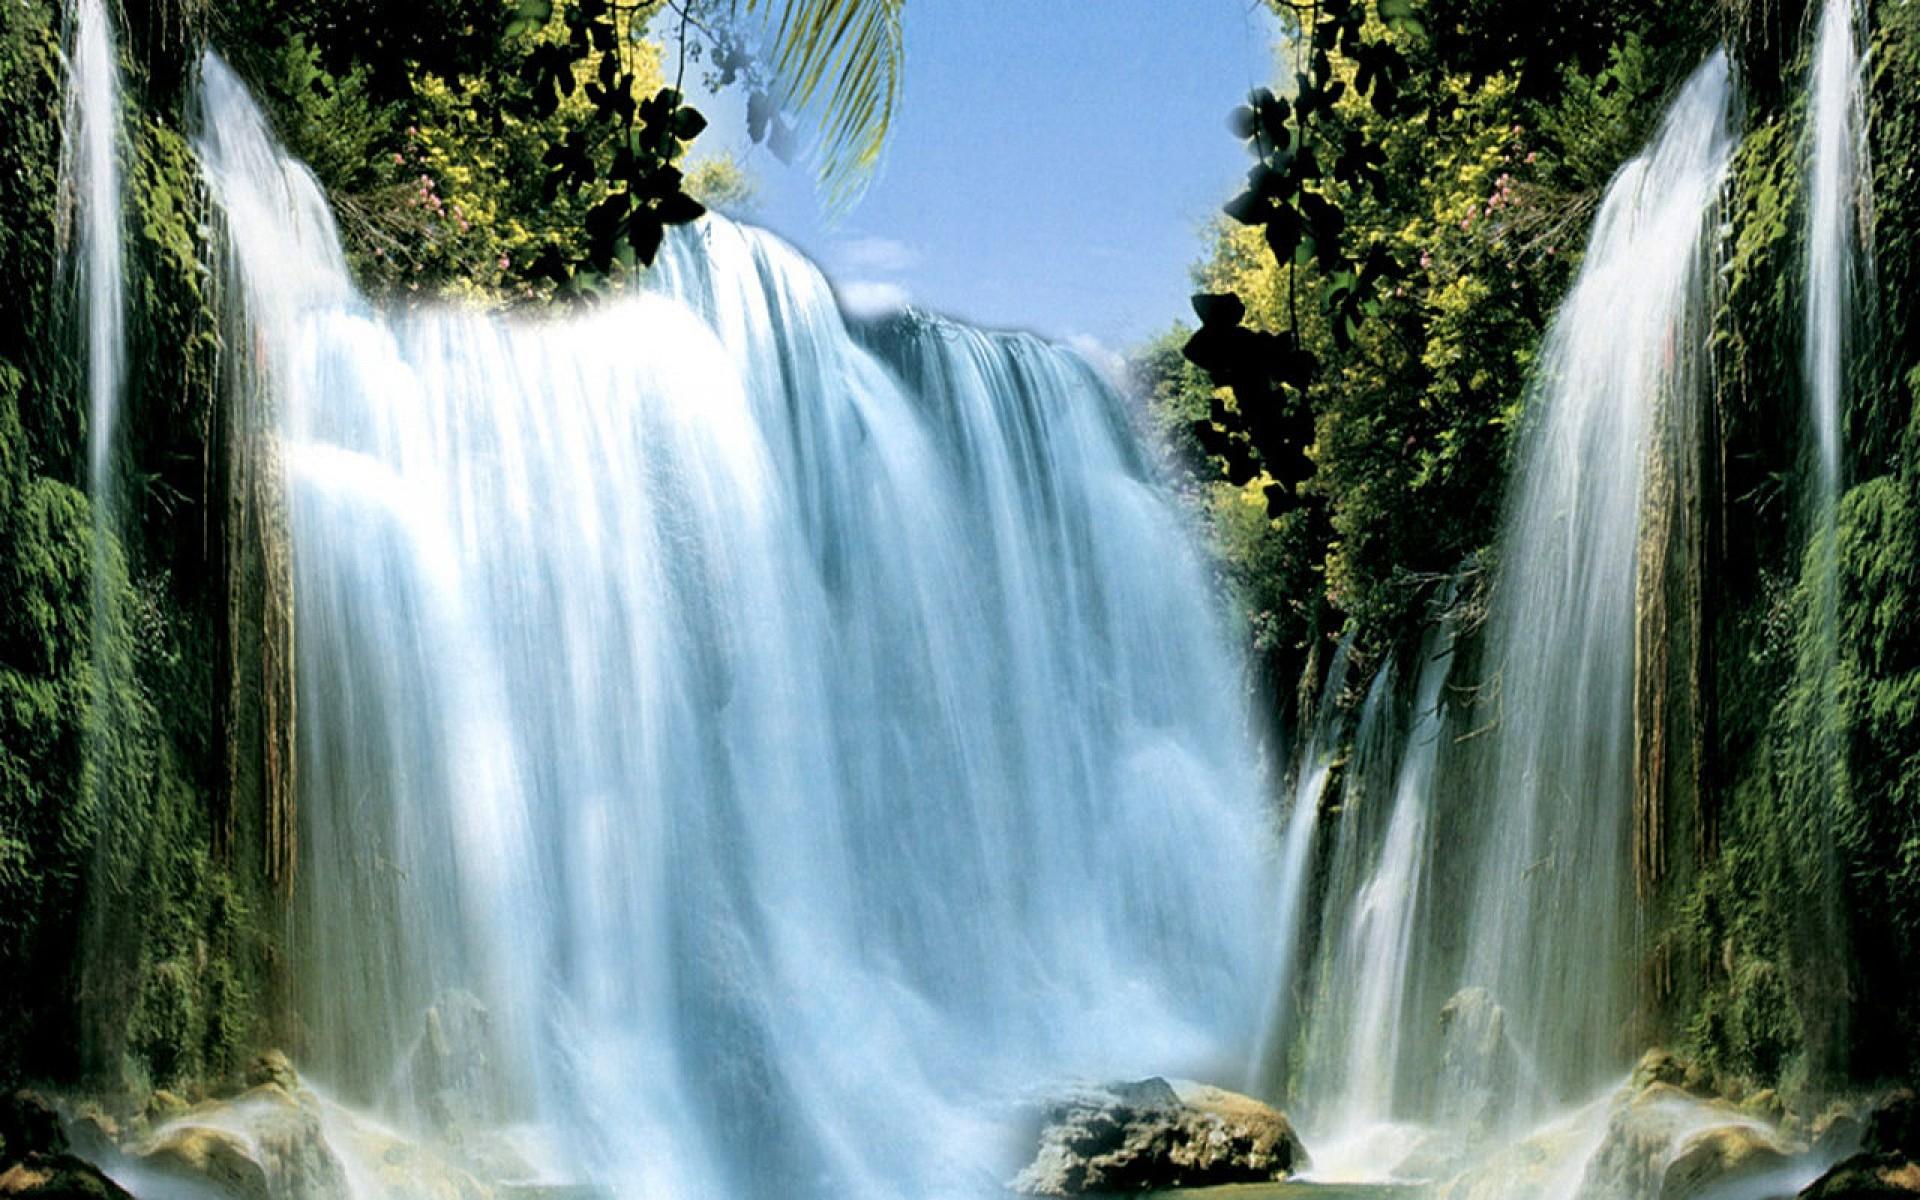 High Waterfall Wallpaper